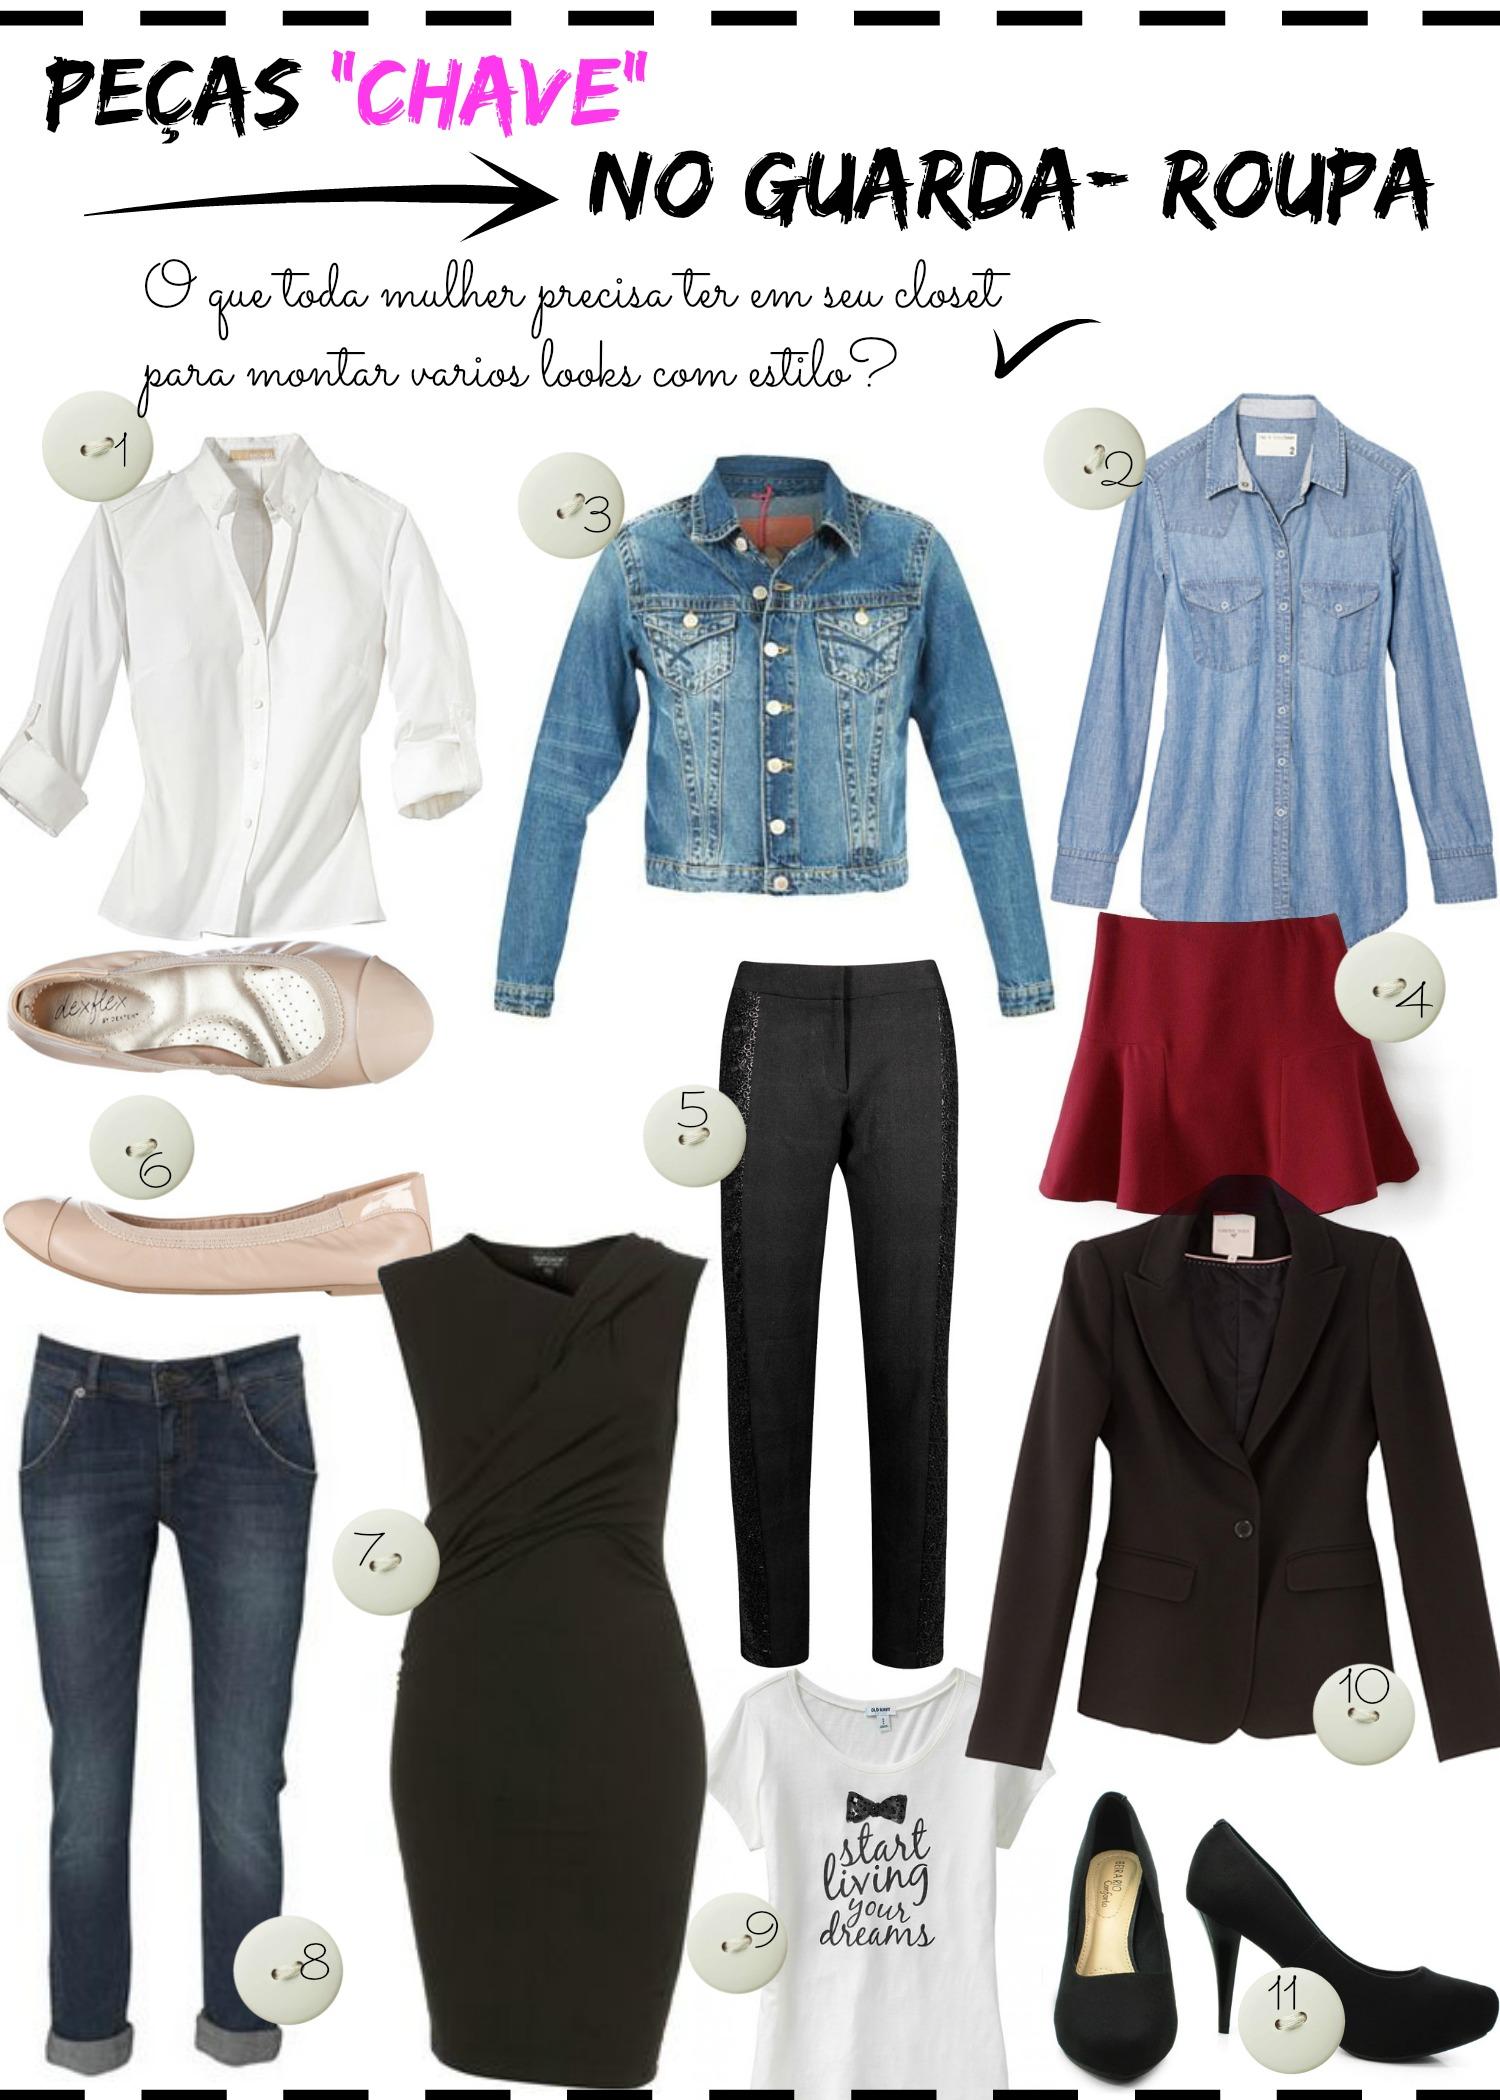 Imagem - 11 peças essenciais no guarda roupas das mulheres